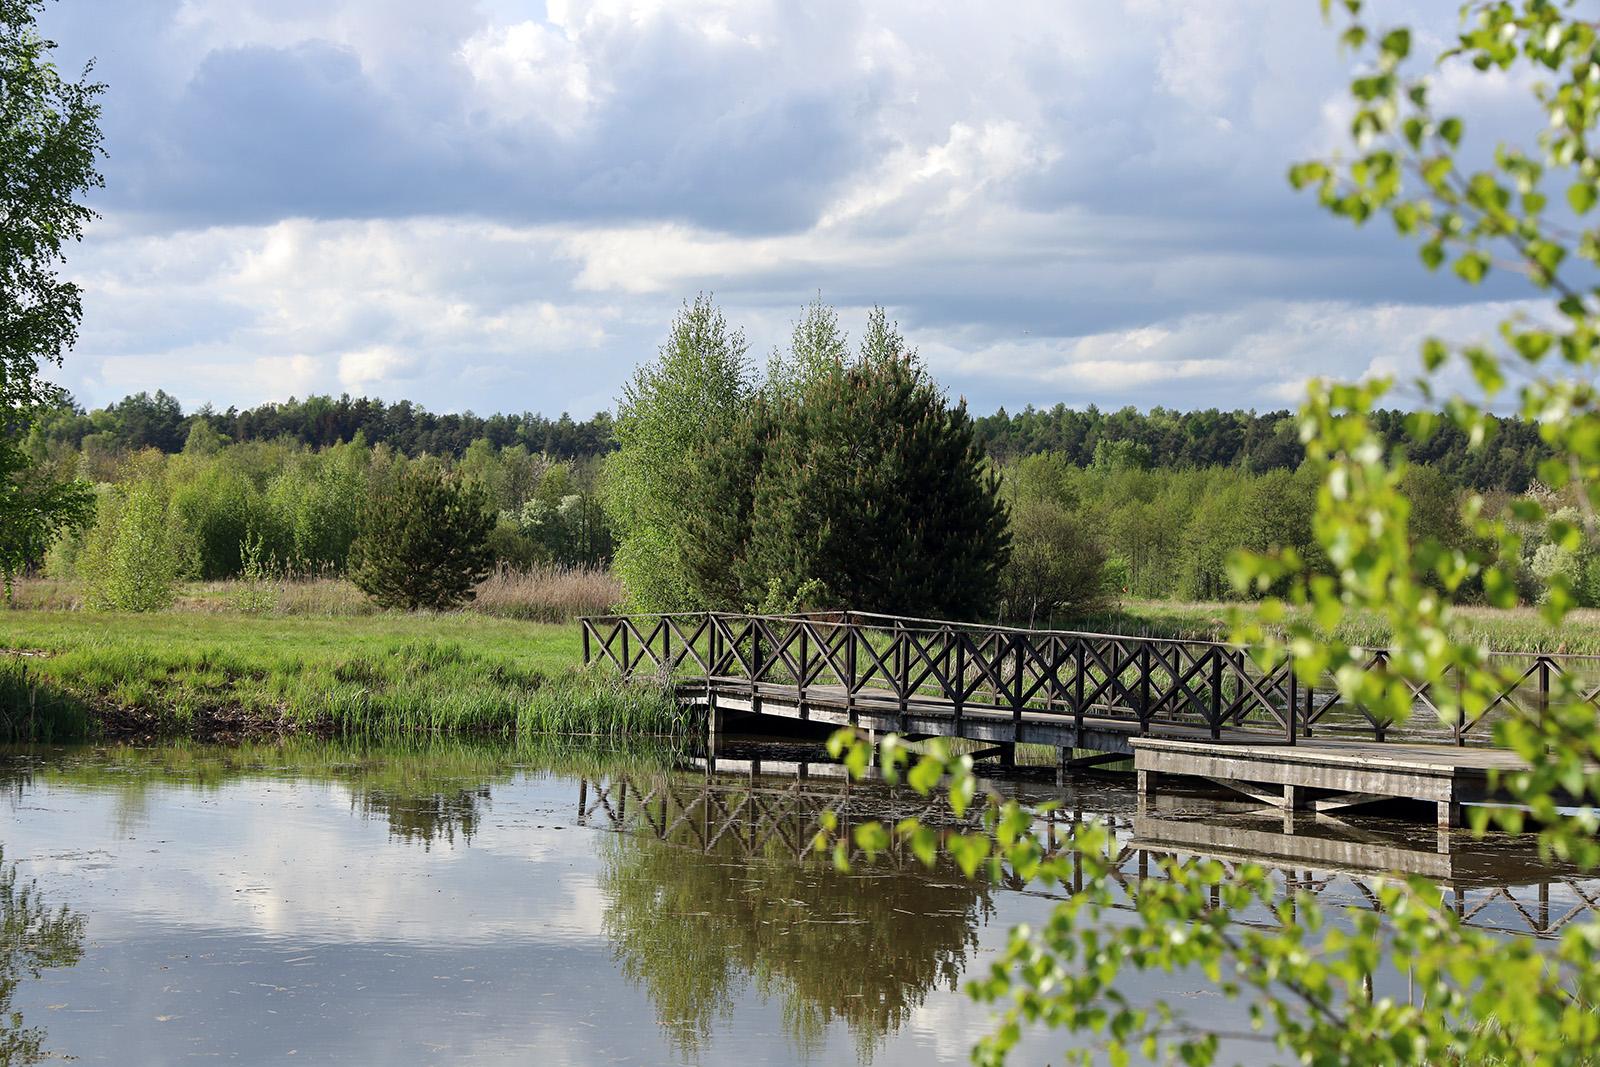 Träbron i Vattenparken är ett tacksamt fotoobjekt